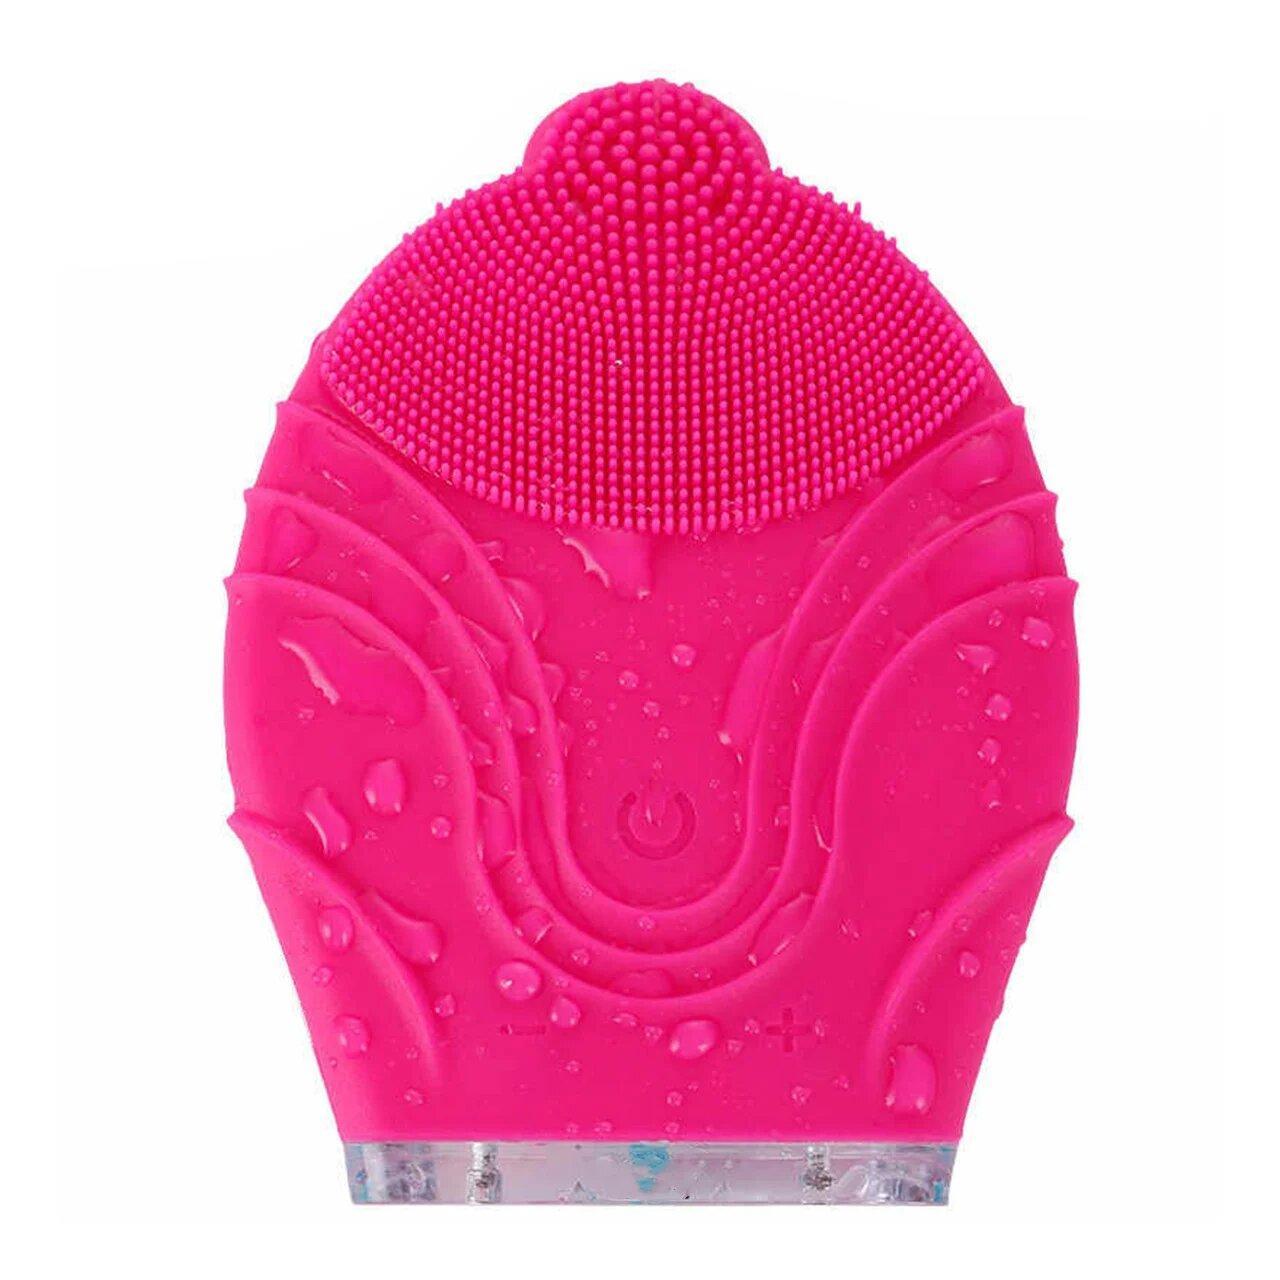 Силиконовая щетка-массажер Kingdom KD-308 для чистки лица Pink (4123-12012)